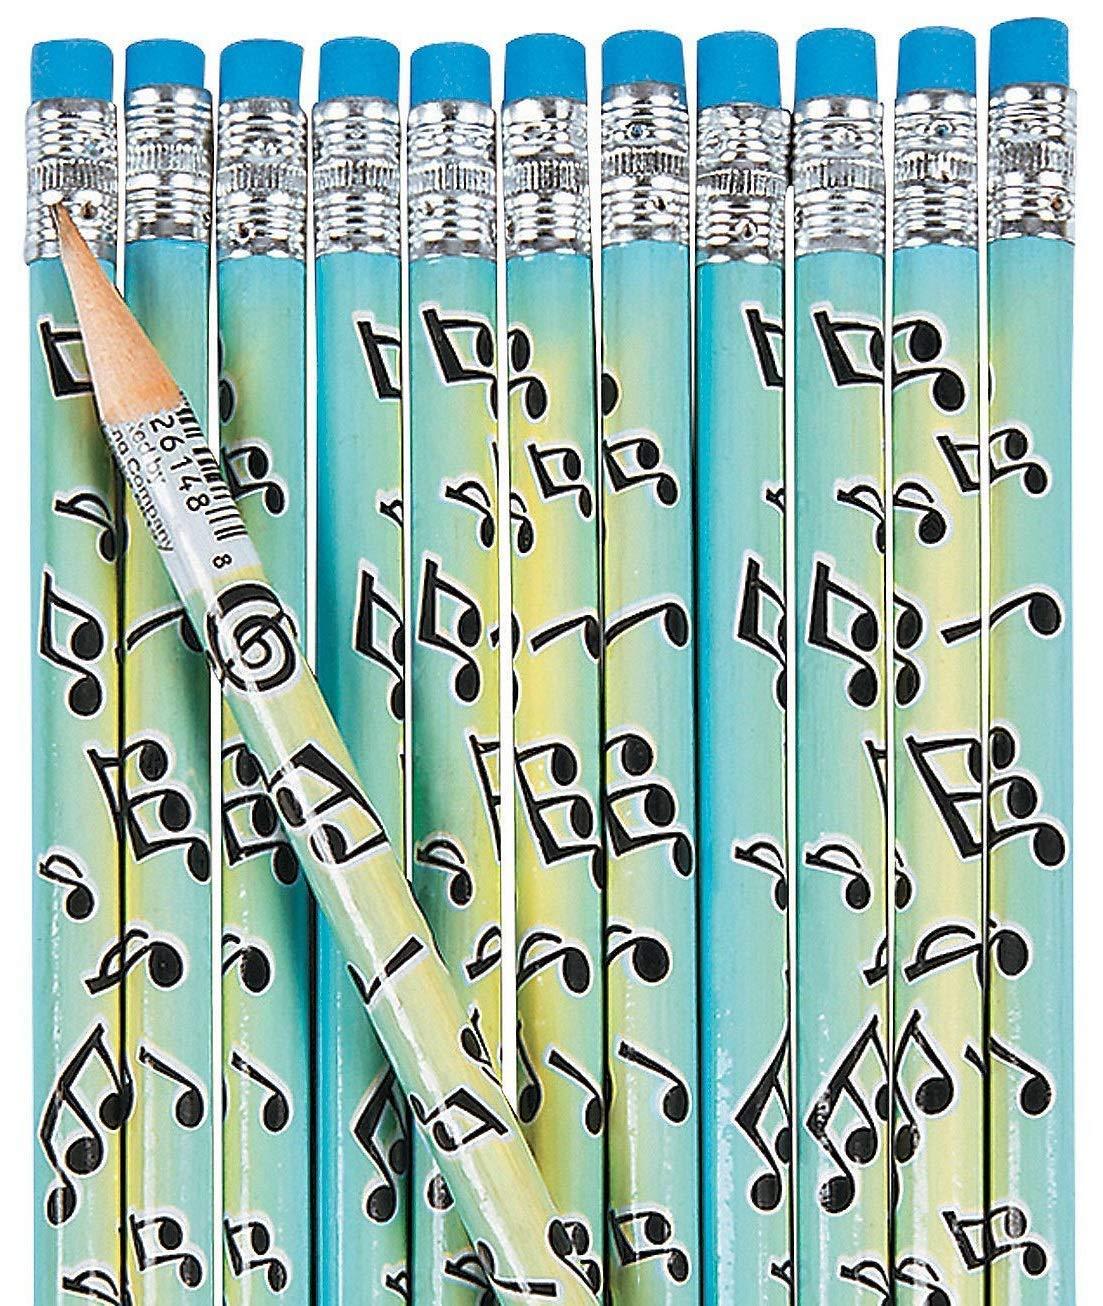 Musical Notes Pencils (4 dozen per unit) 7 1/2'' by FX